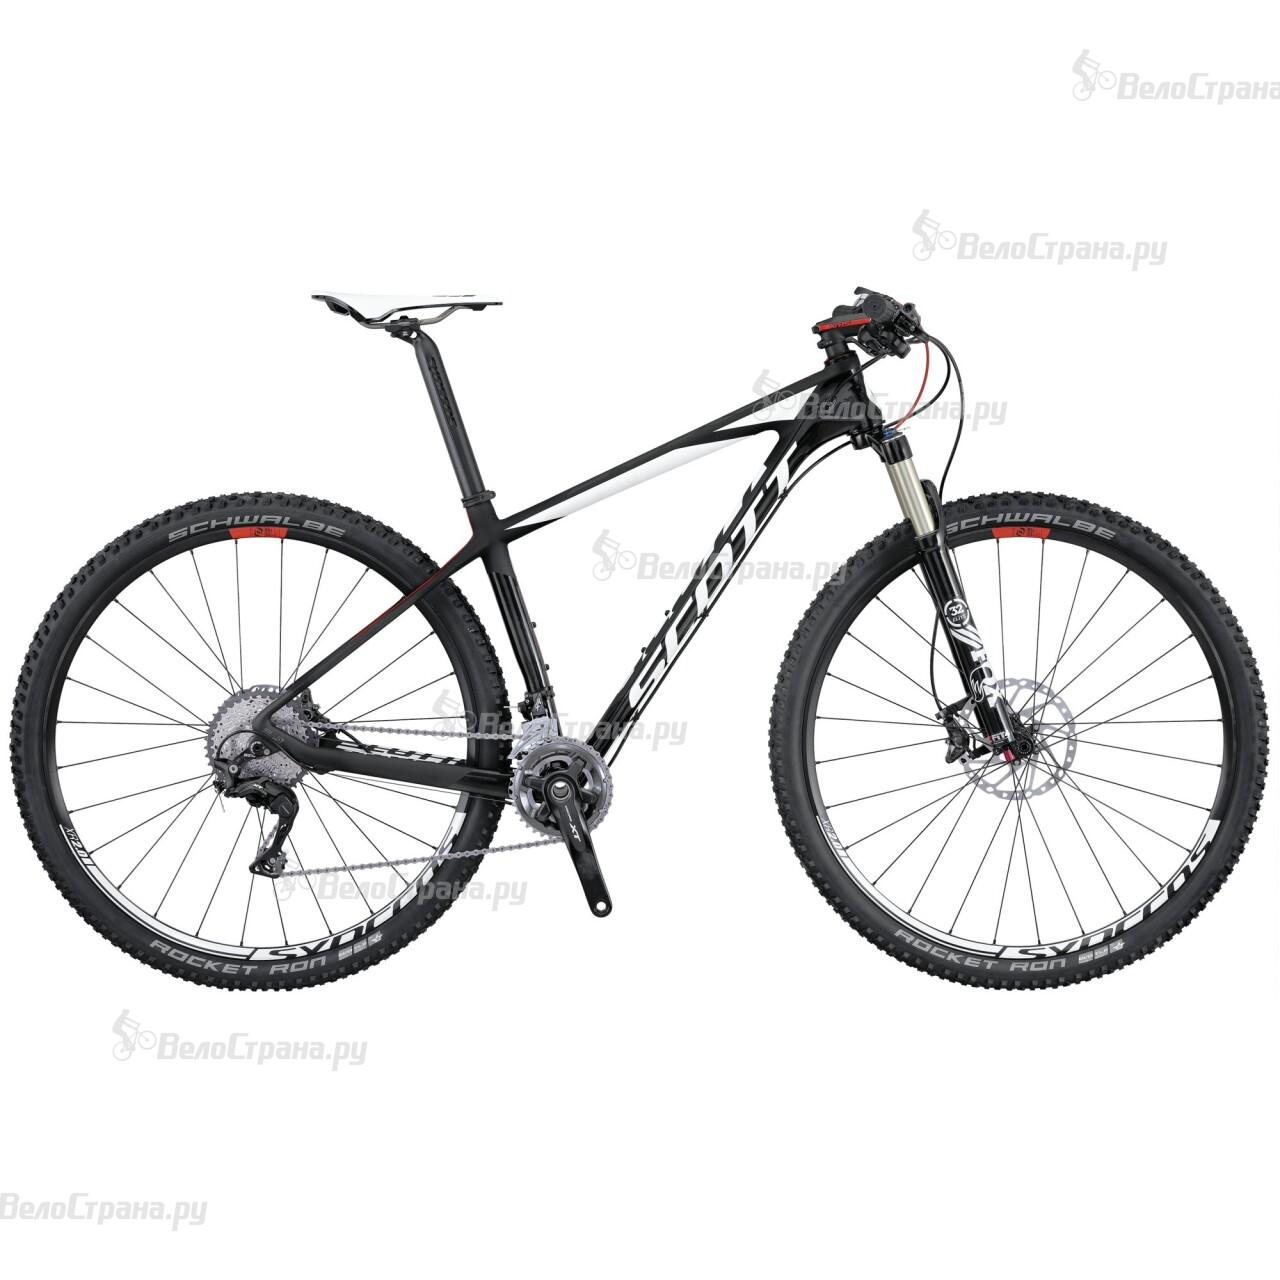 Велосипед Scott Scale 910 (2016) велосипед scott scale junior 26 2016